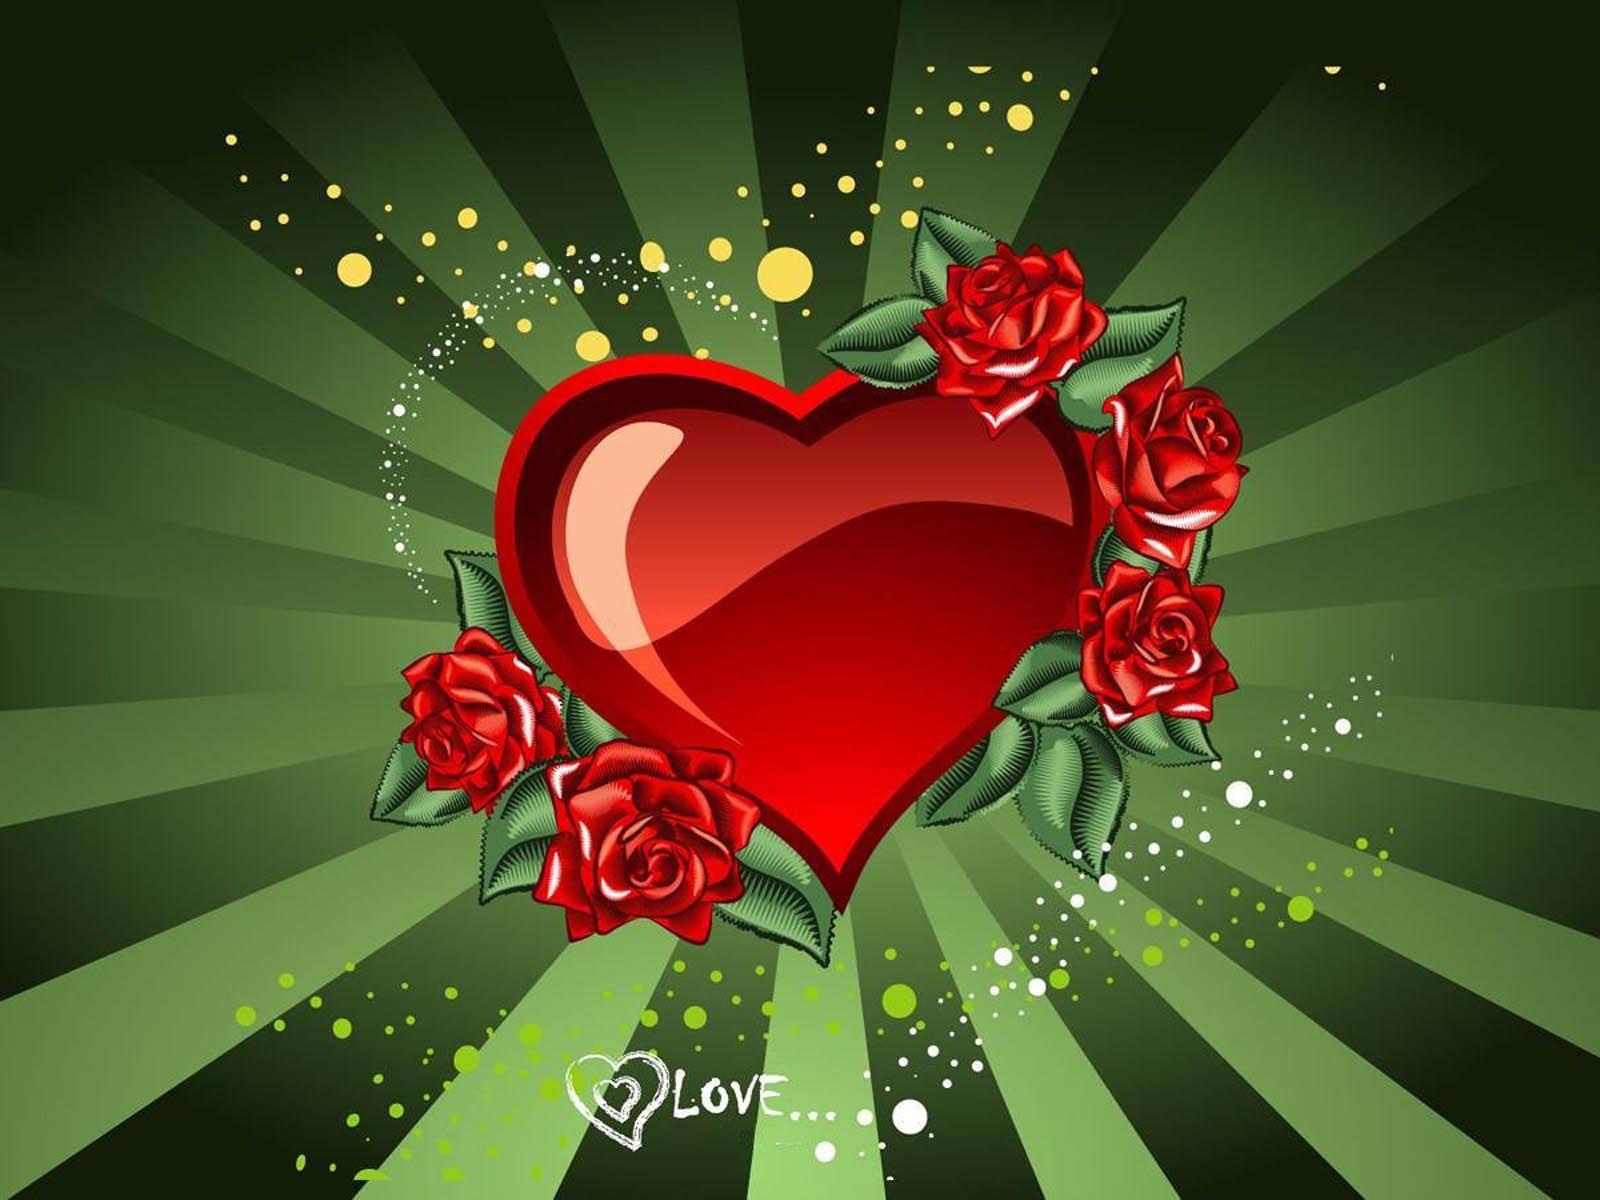 http://1.bp.blogspot.com/-QRdKlhWPZbI/UOc7ubmYGqI/AAAAAAAACB0/xgcD_J9EzxY/s1600/I%2Blove%2Byou%2BHeart%2BPicture%2B(7).jpg